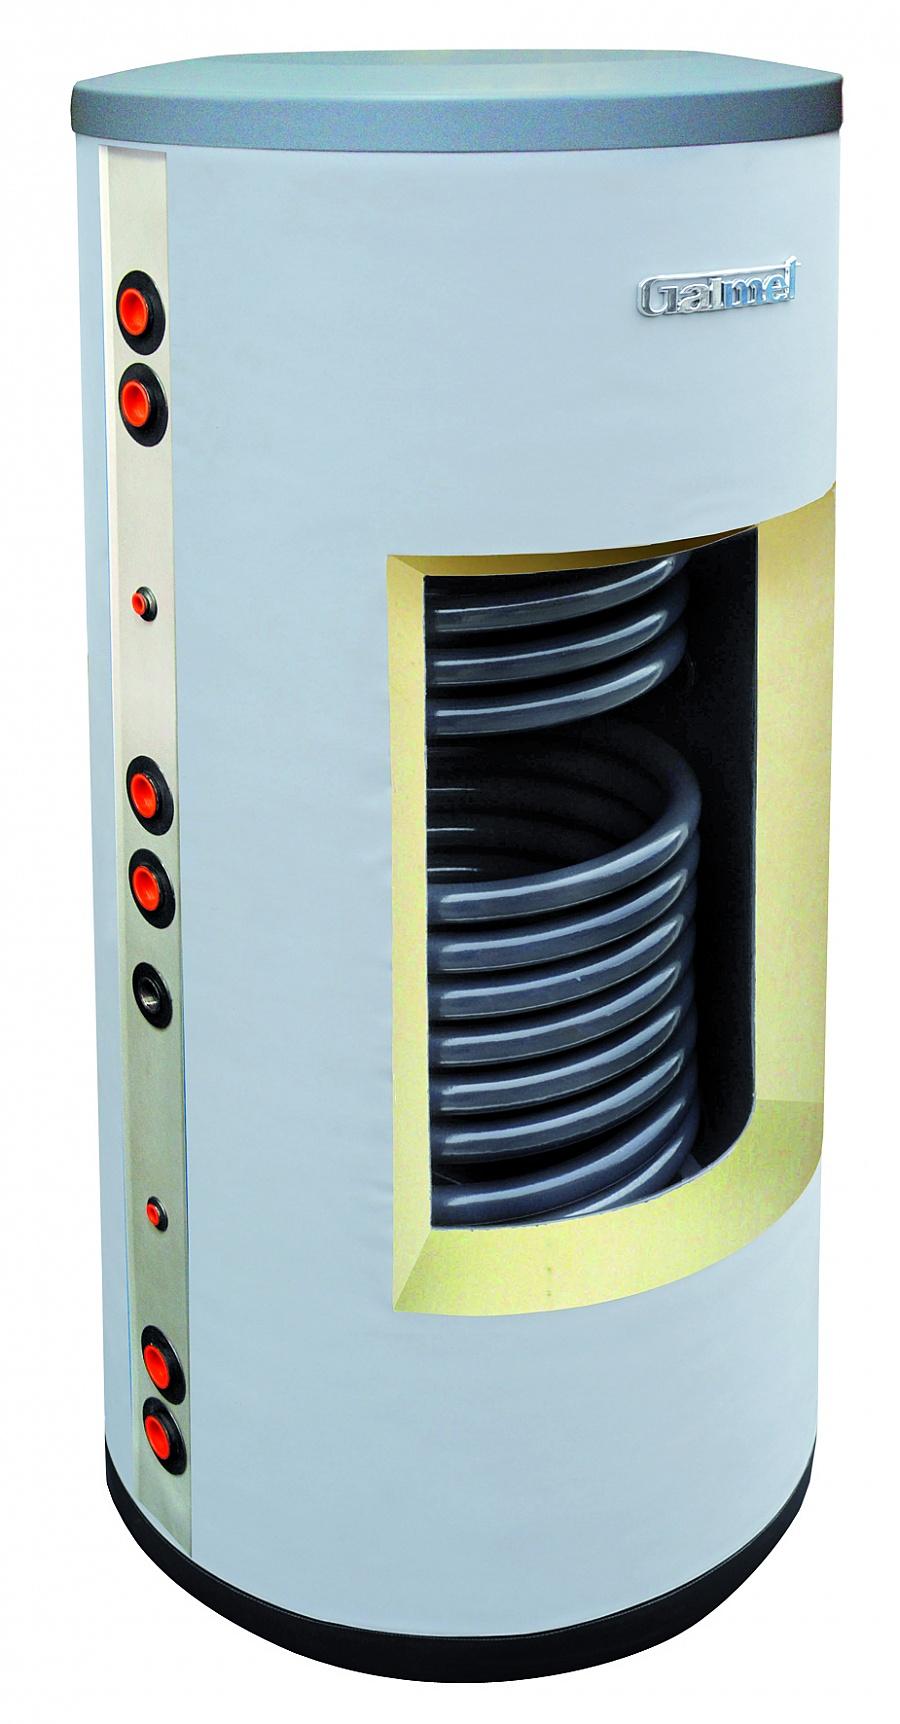 Galmet Wymiennik biwalentny z dwiema wezownicami spiralnymi do kolektorow slonecznych i sieci c.o. 200L (26-209000) 26-209000 boileris